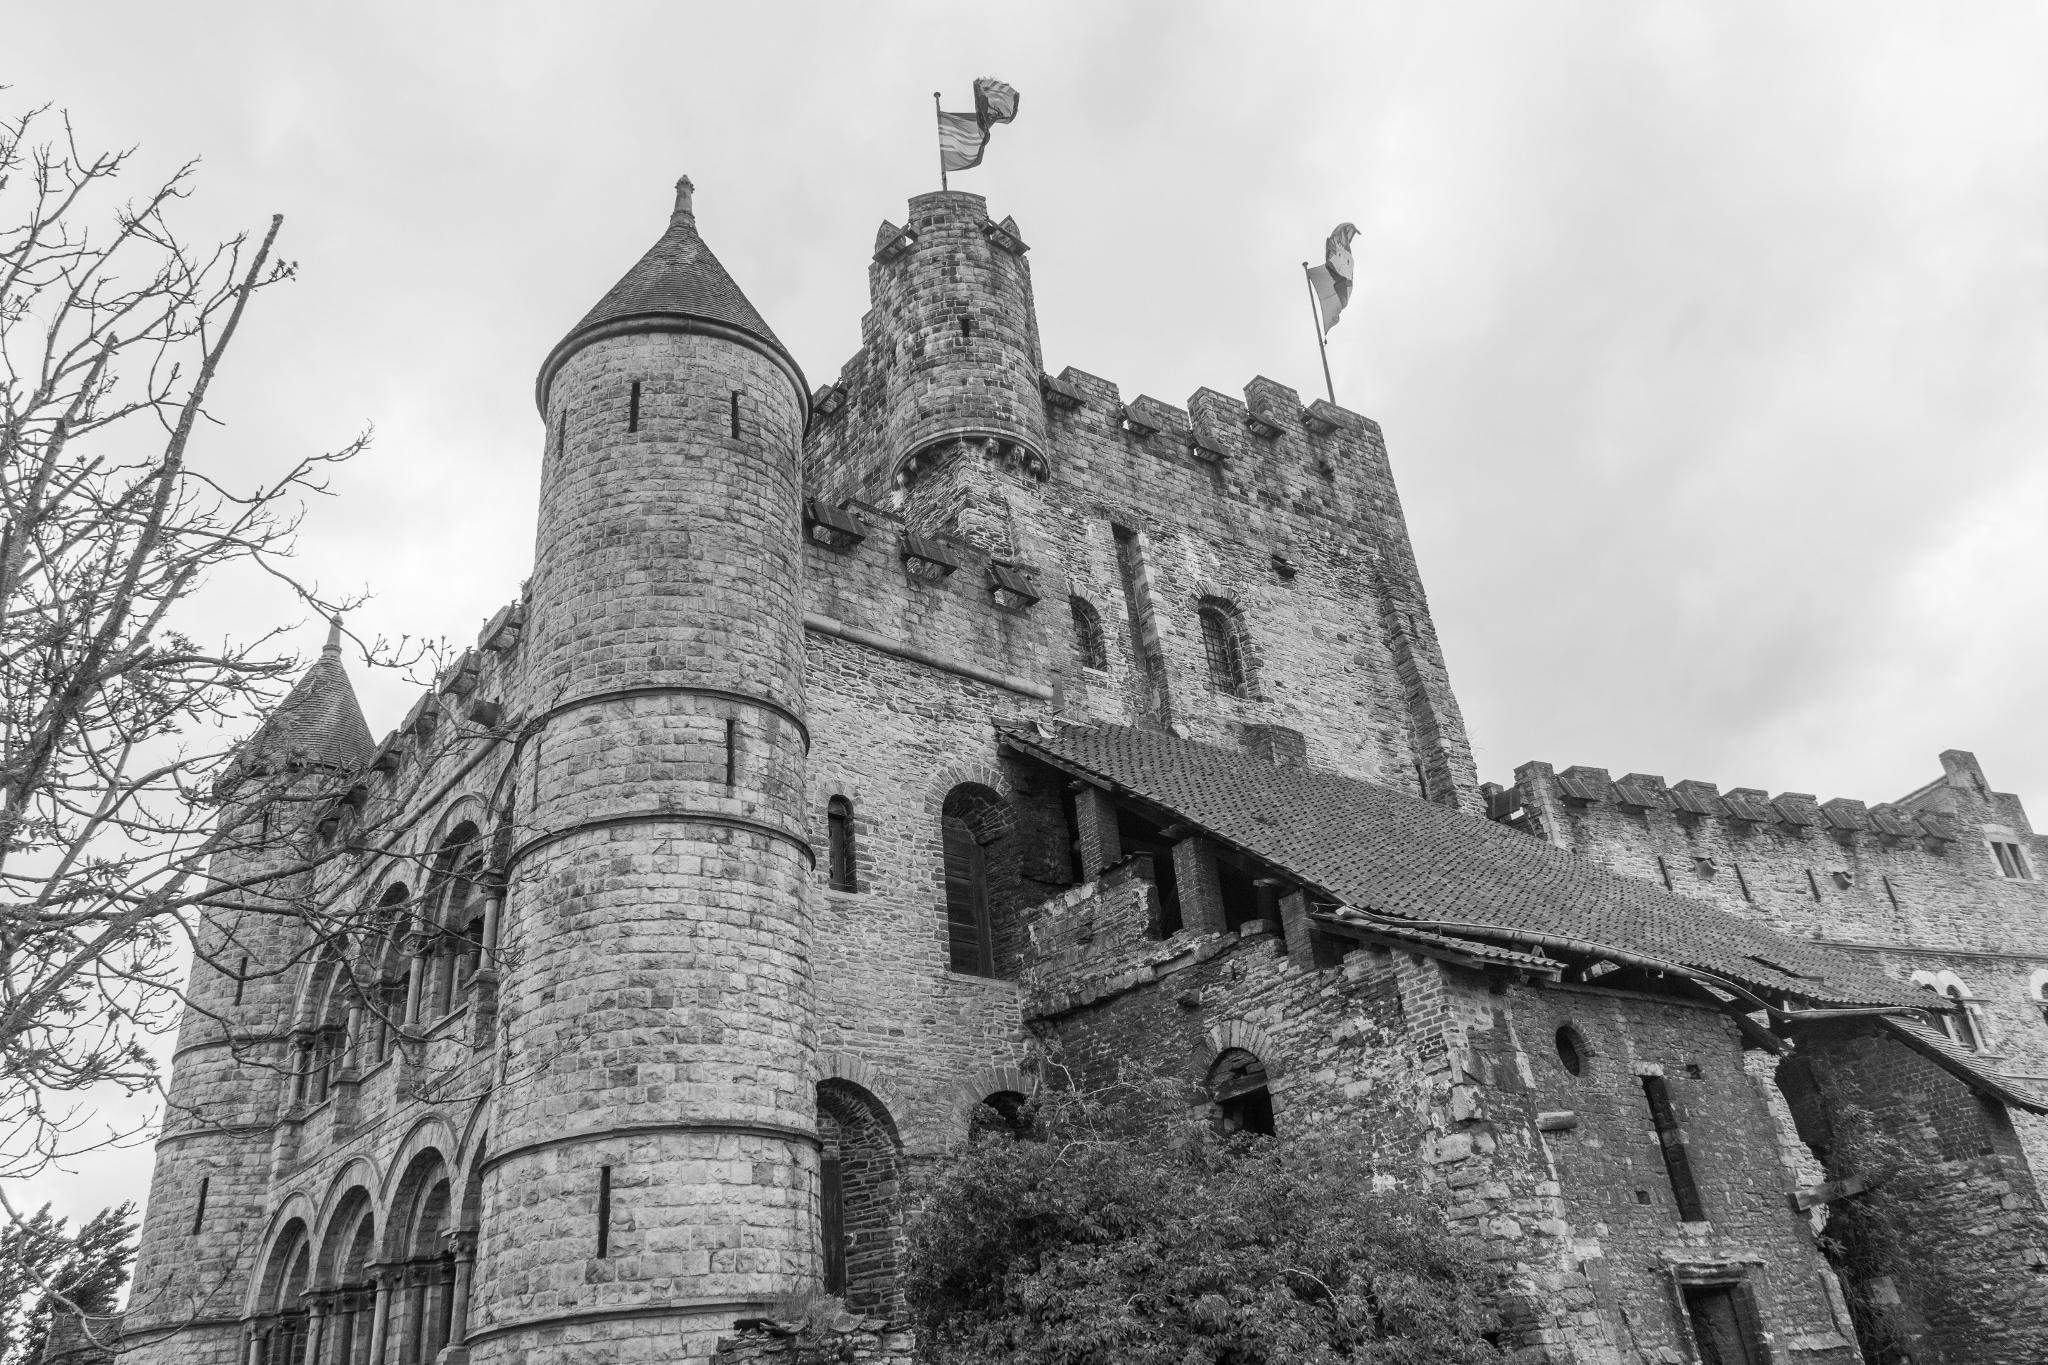 【比利時】穿梭中世紀的大城小事 — 比利時根特 (Ghent) 散步景點總整理 115